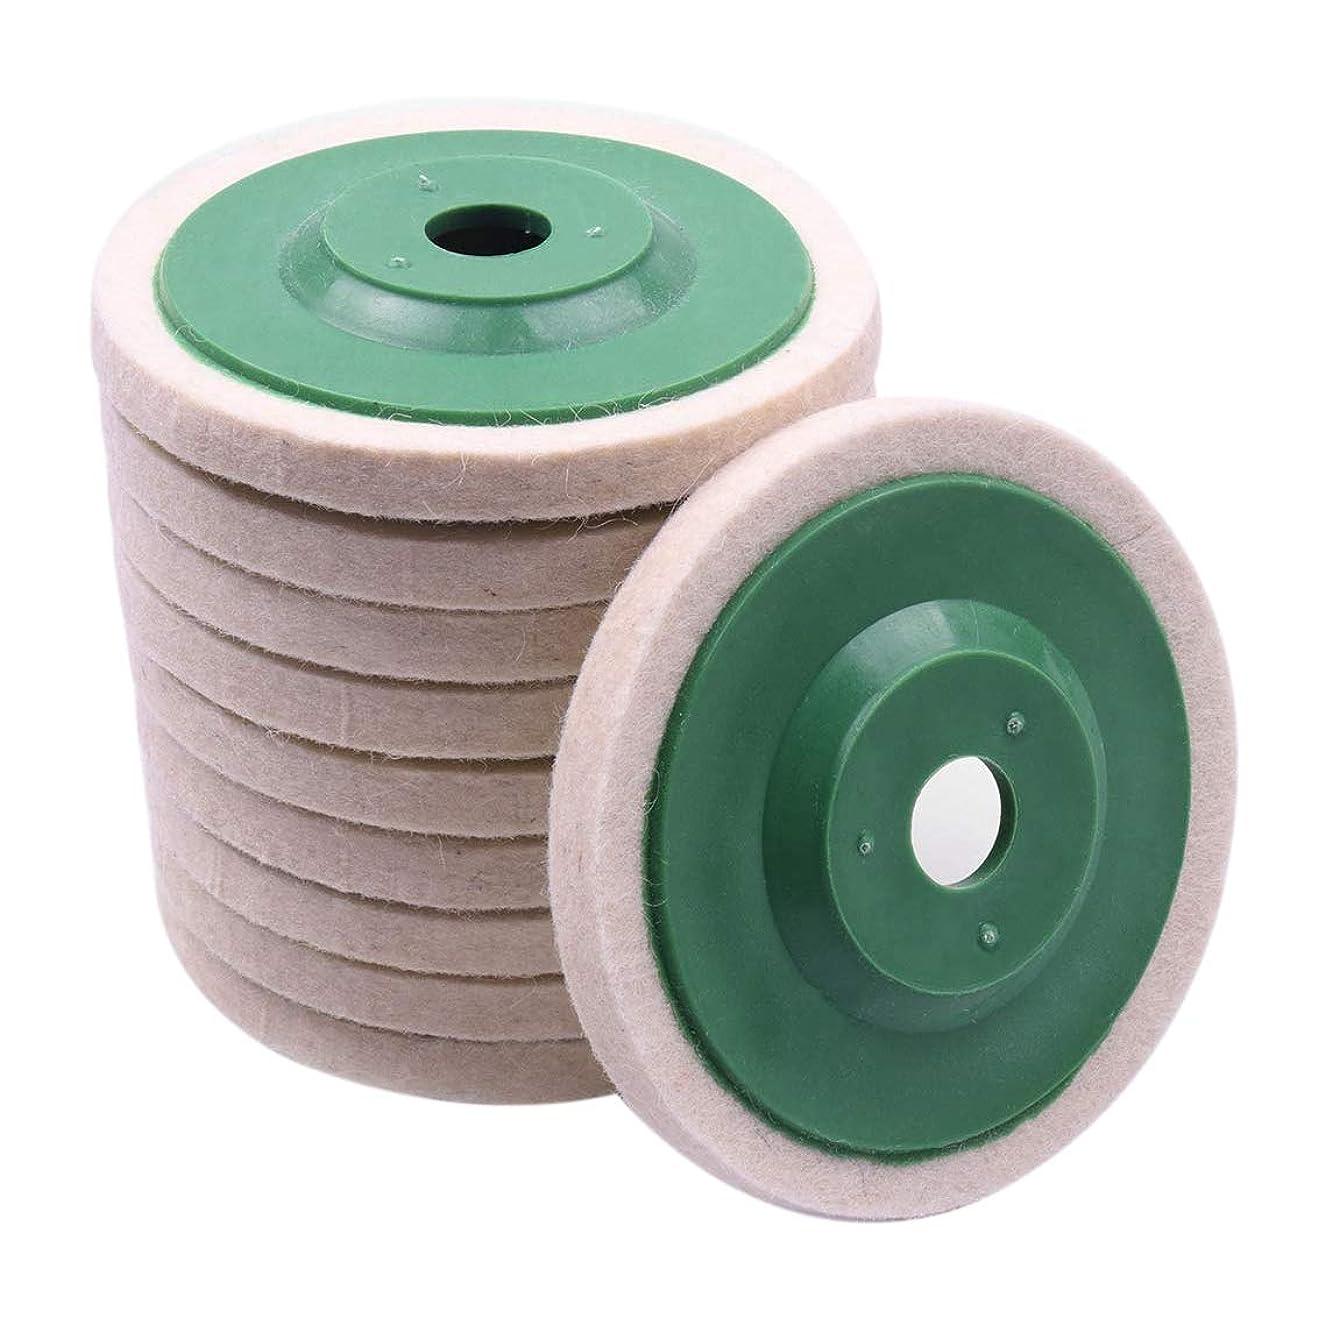 手首恩赦速報ACAMPTAR 10個、100mm 4インチ ウールのバフ研磨円形ポリッシングホイール、パッド、ポリッシャーのホイール、銅鉄&アルミニウム金属研磨用工具